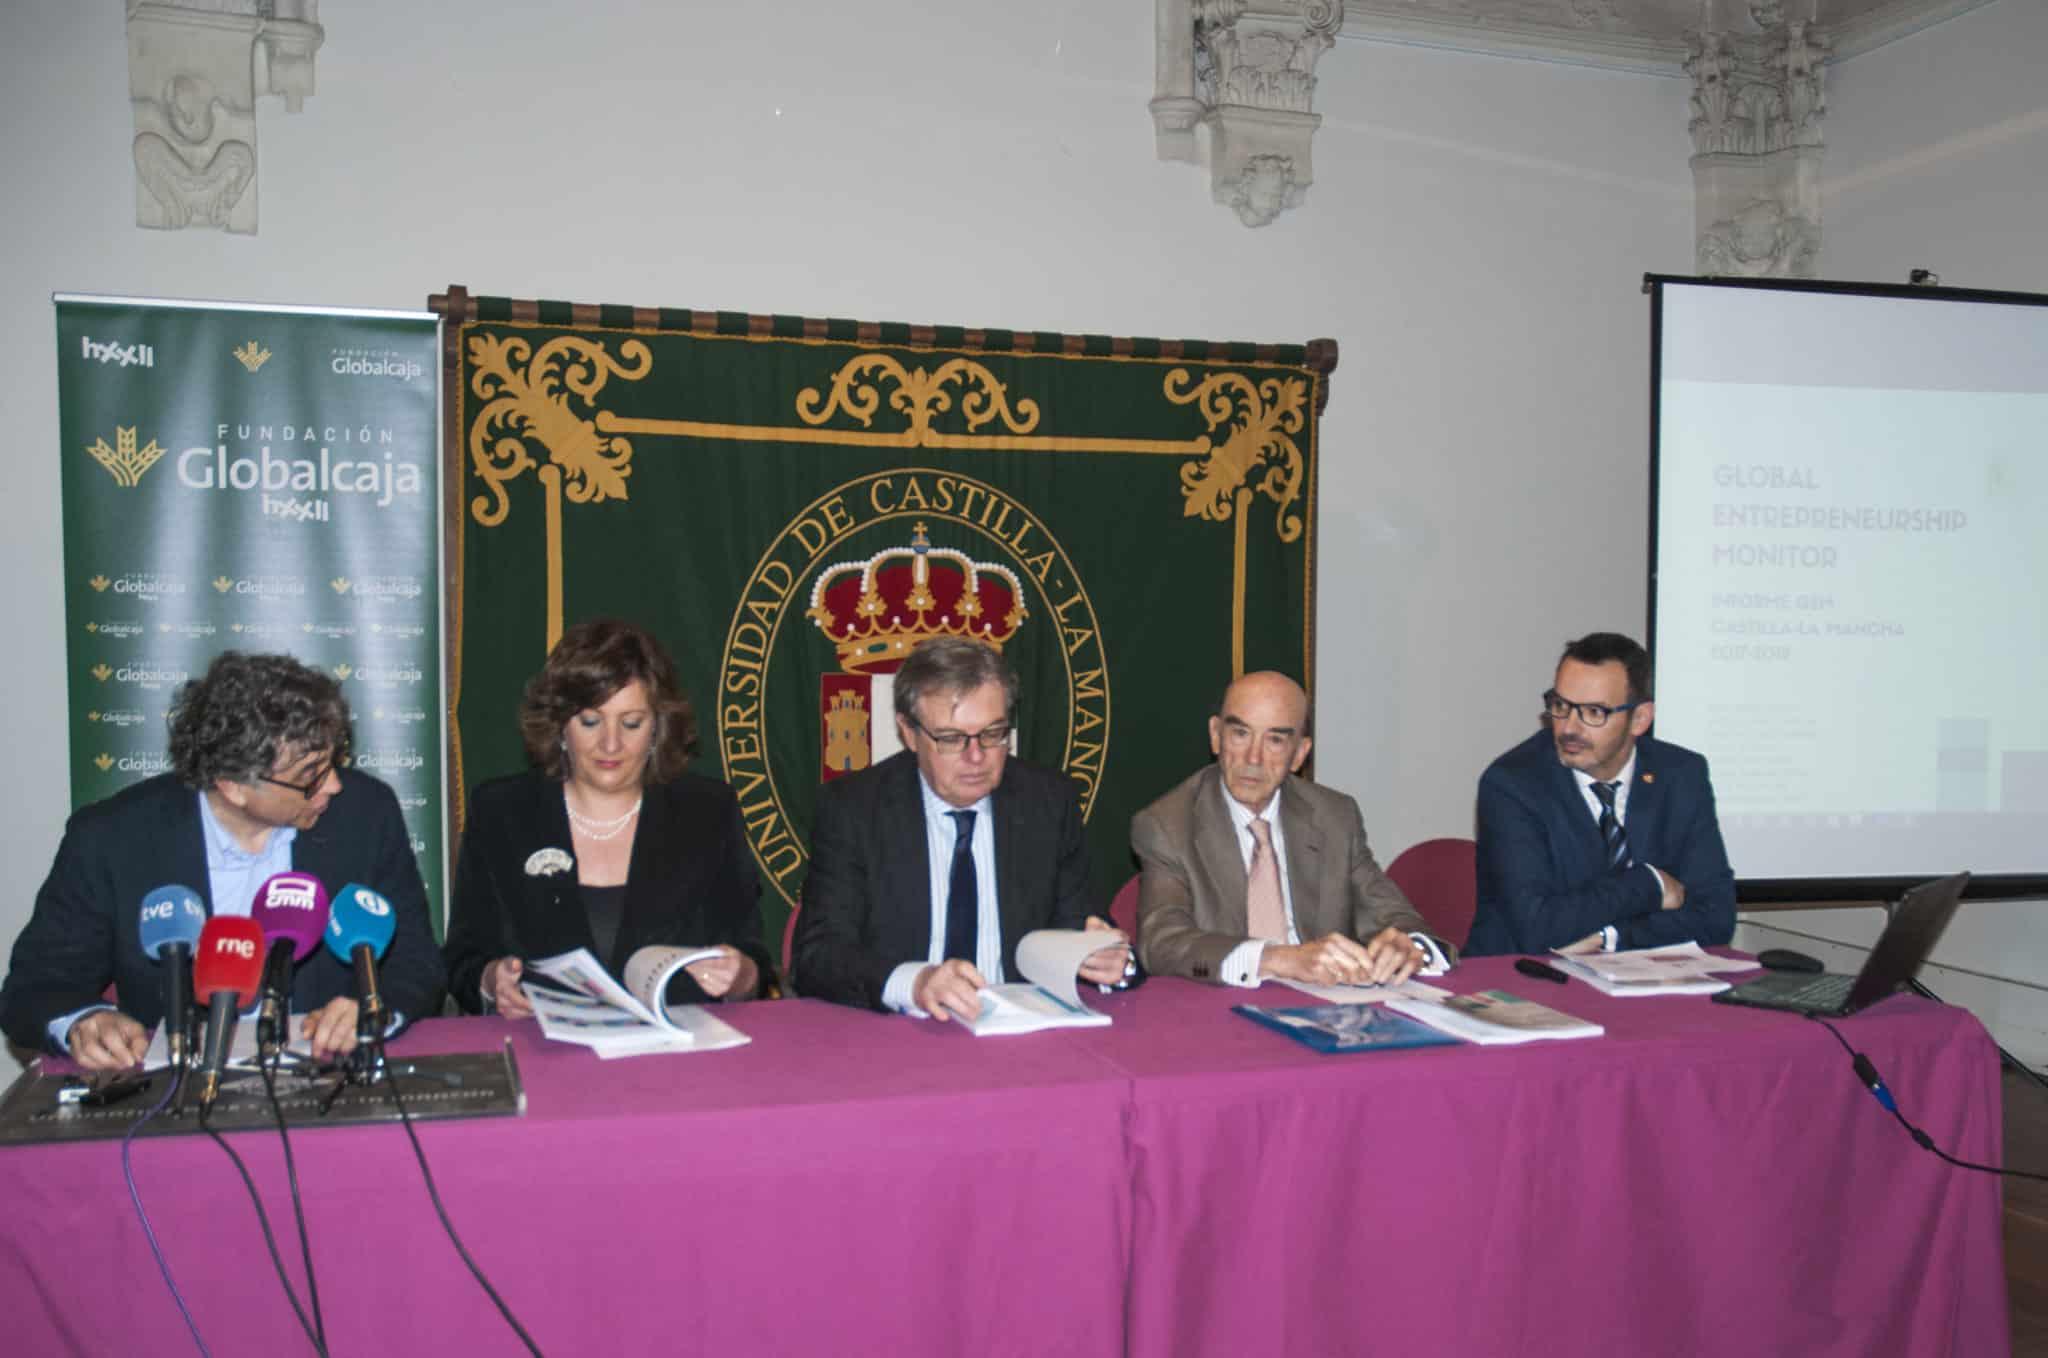 https://blog.globalcaja.es/wp-content/uploads/2019/02/Informe-GEM-1.jpg